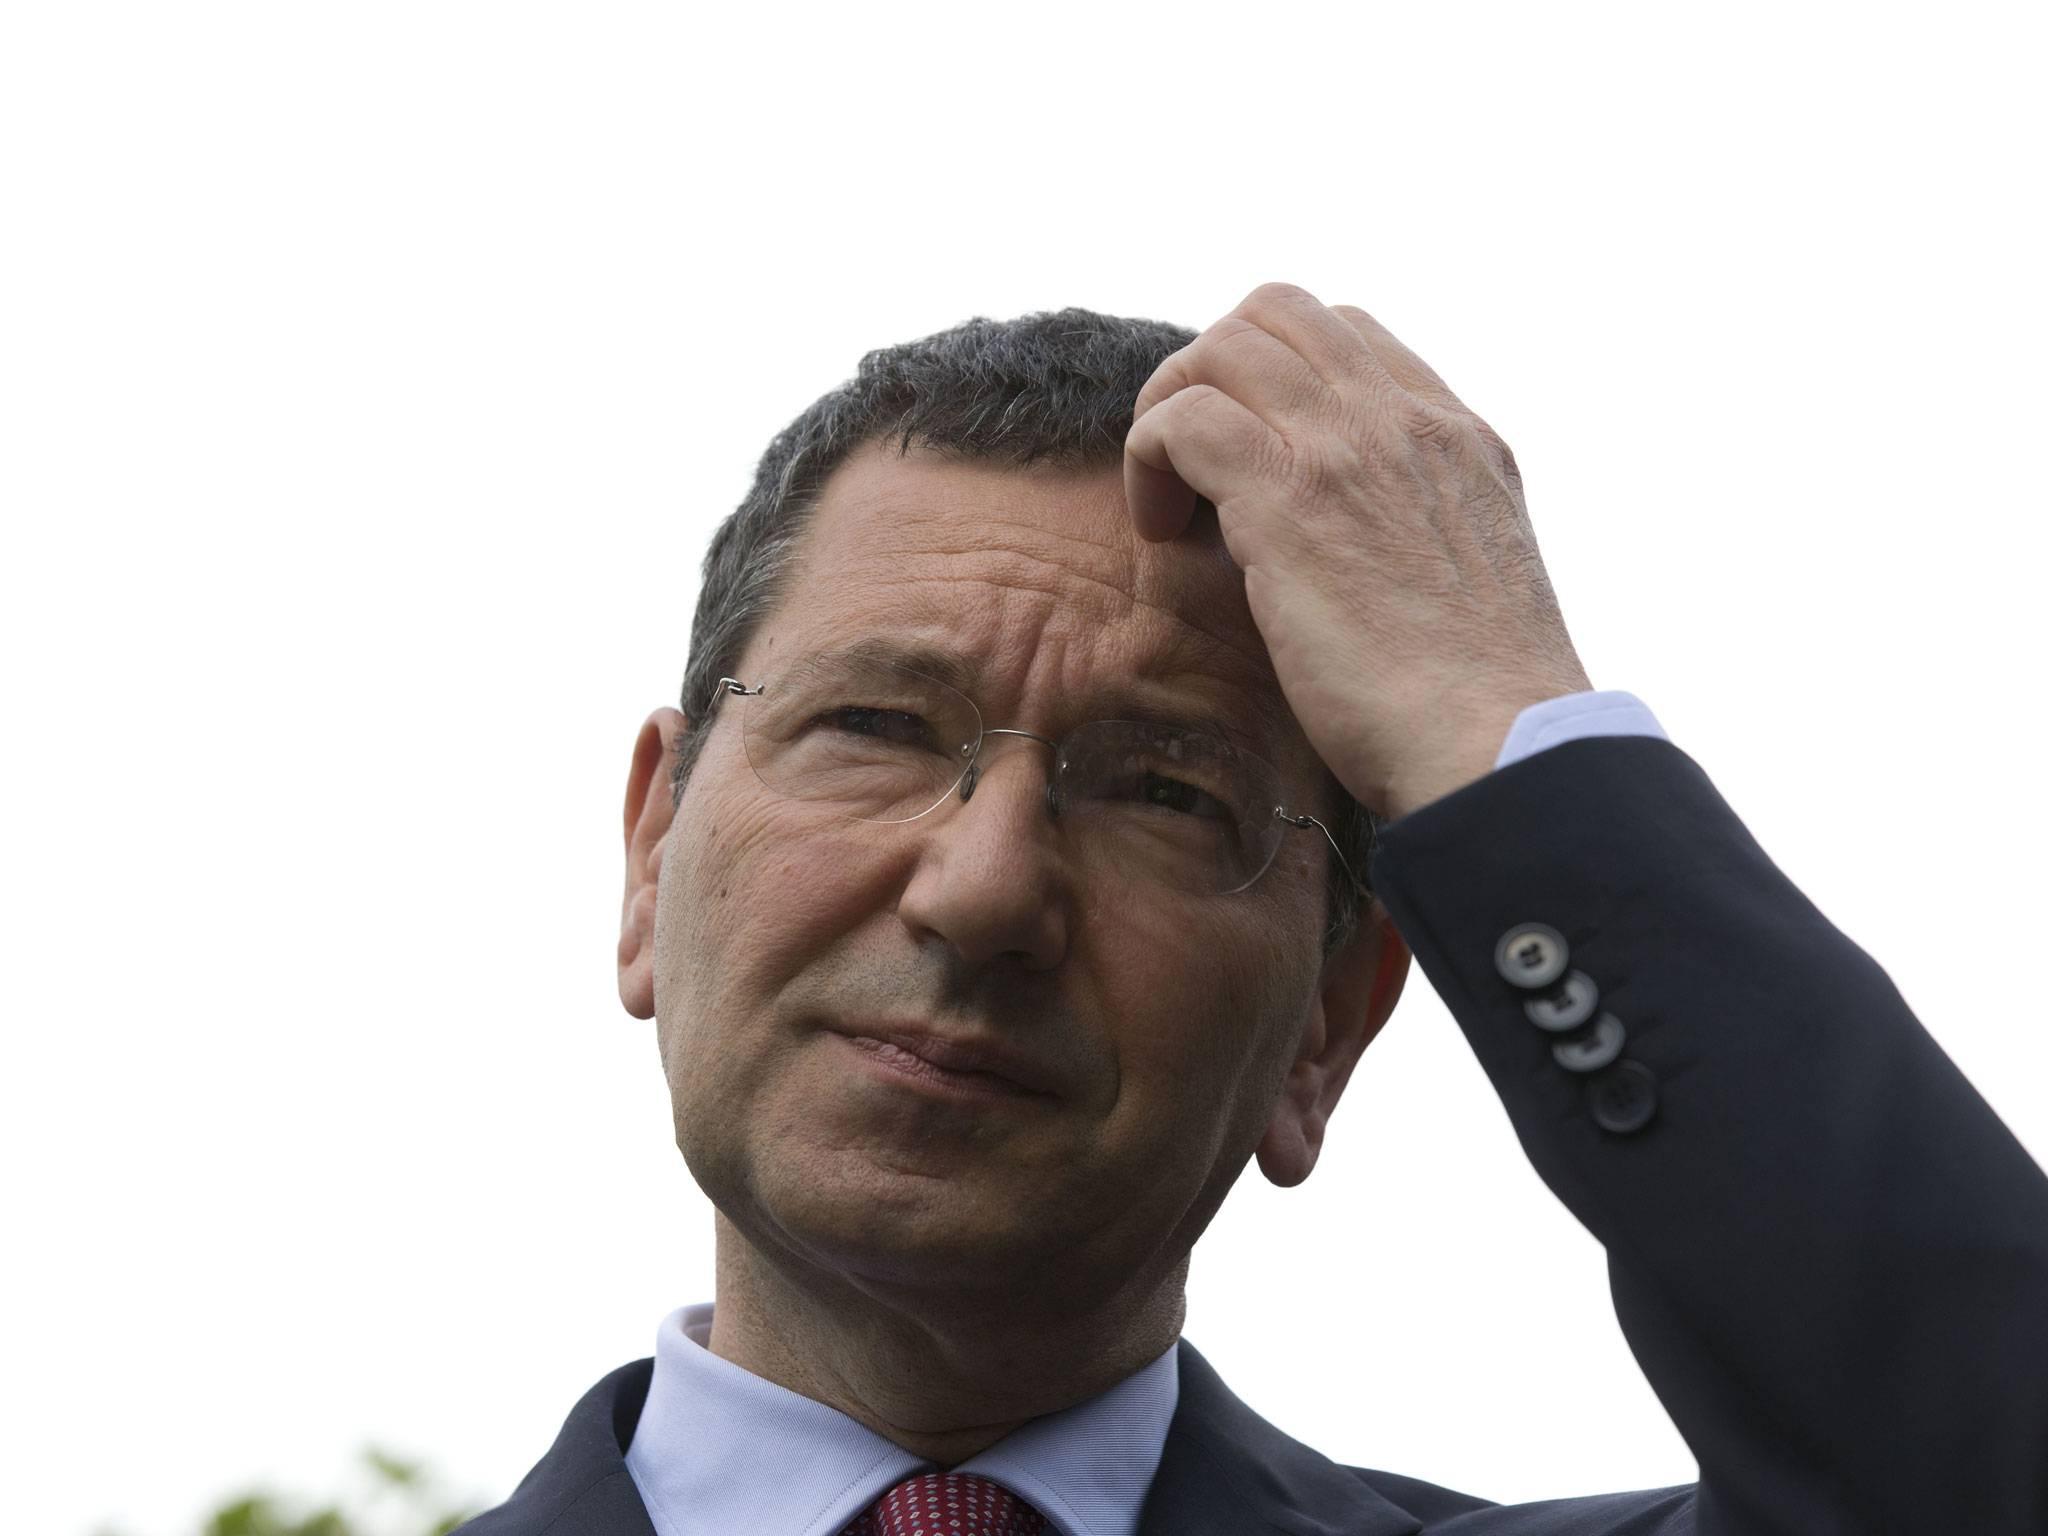 El alcalde de Roma advierte sobre riesgo de atentados en el Año Santo